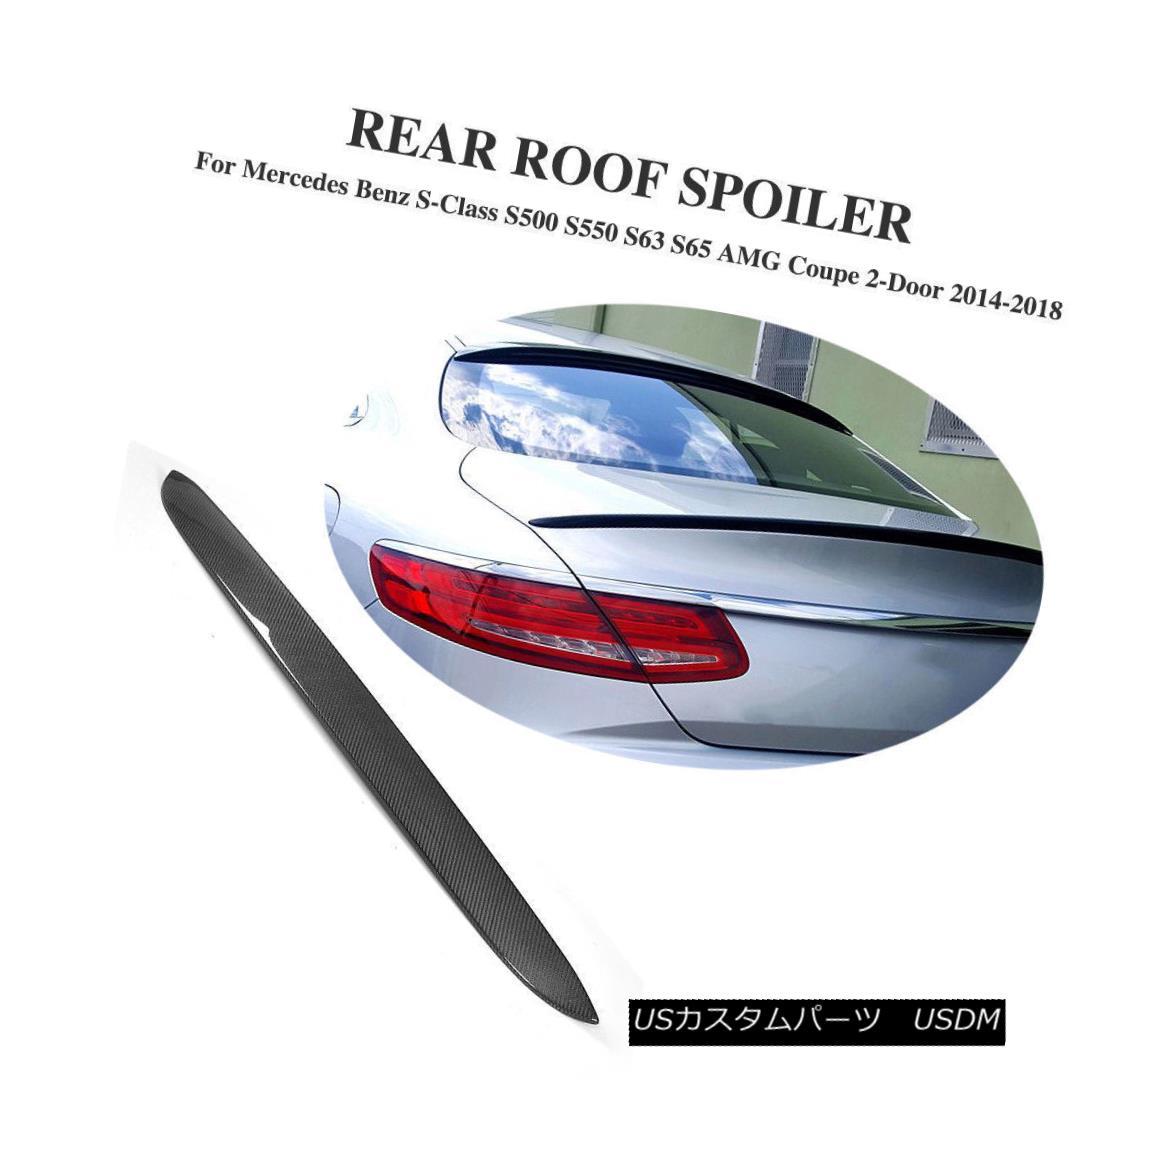 エアロパーツ Carbon Fiber Rear Window Spoiler For Benz S-Class S500 S550 S63 S65 AMG 14-18 ベンツSクラスS500 S550 S63 S65 S65 AMG 14-18用炭素繊維リアウィンドウ・スポイラー